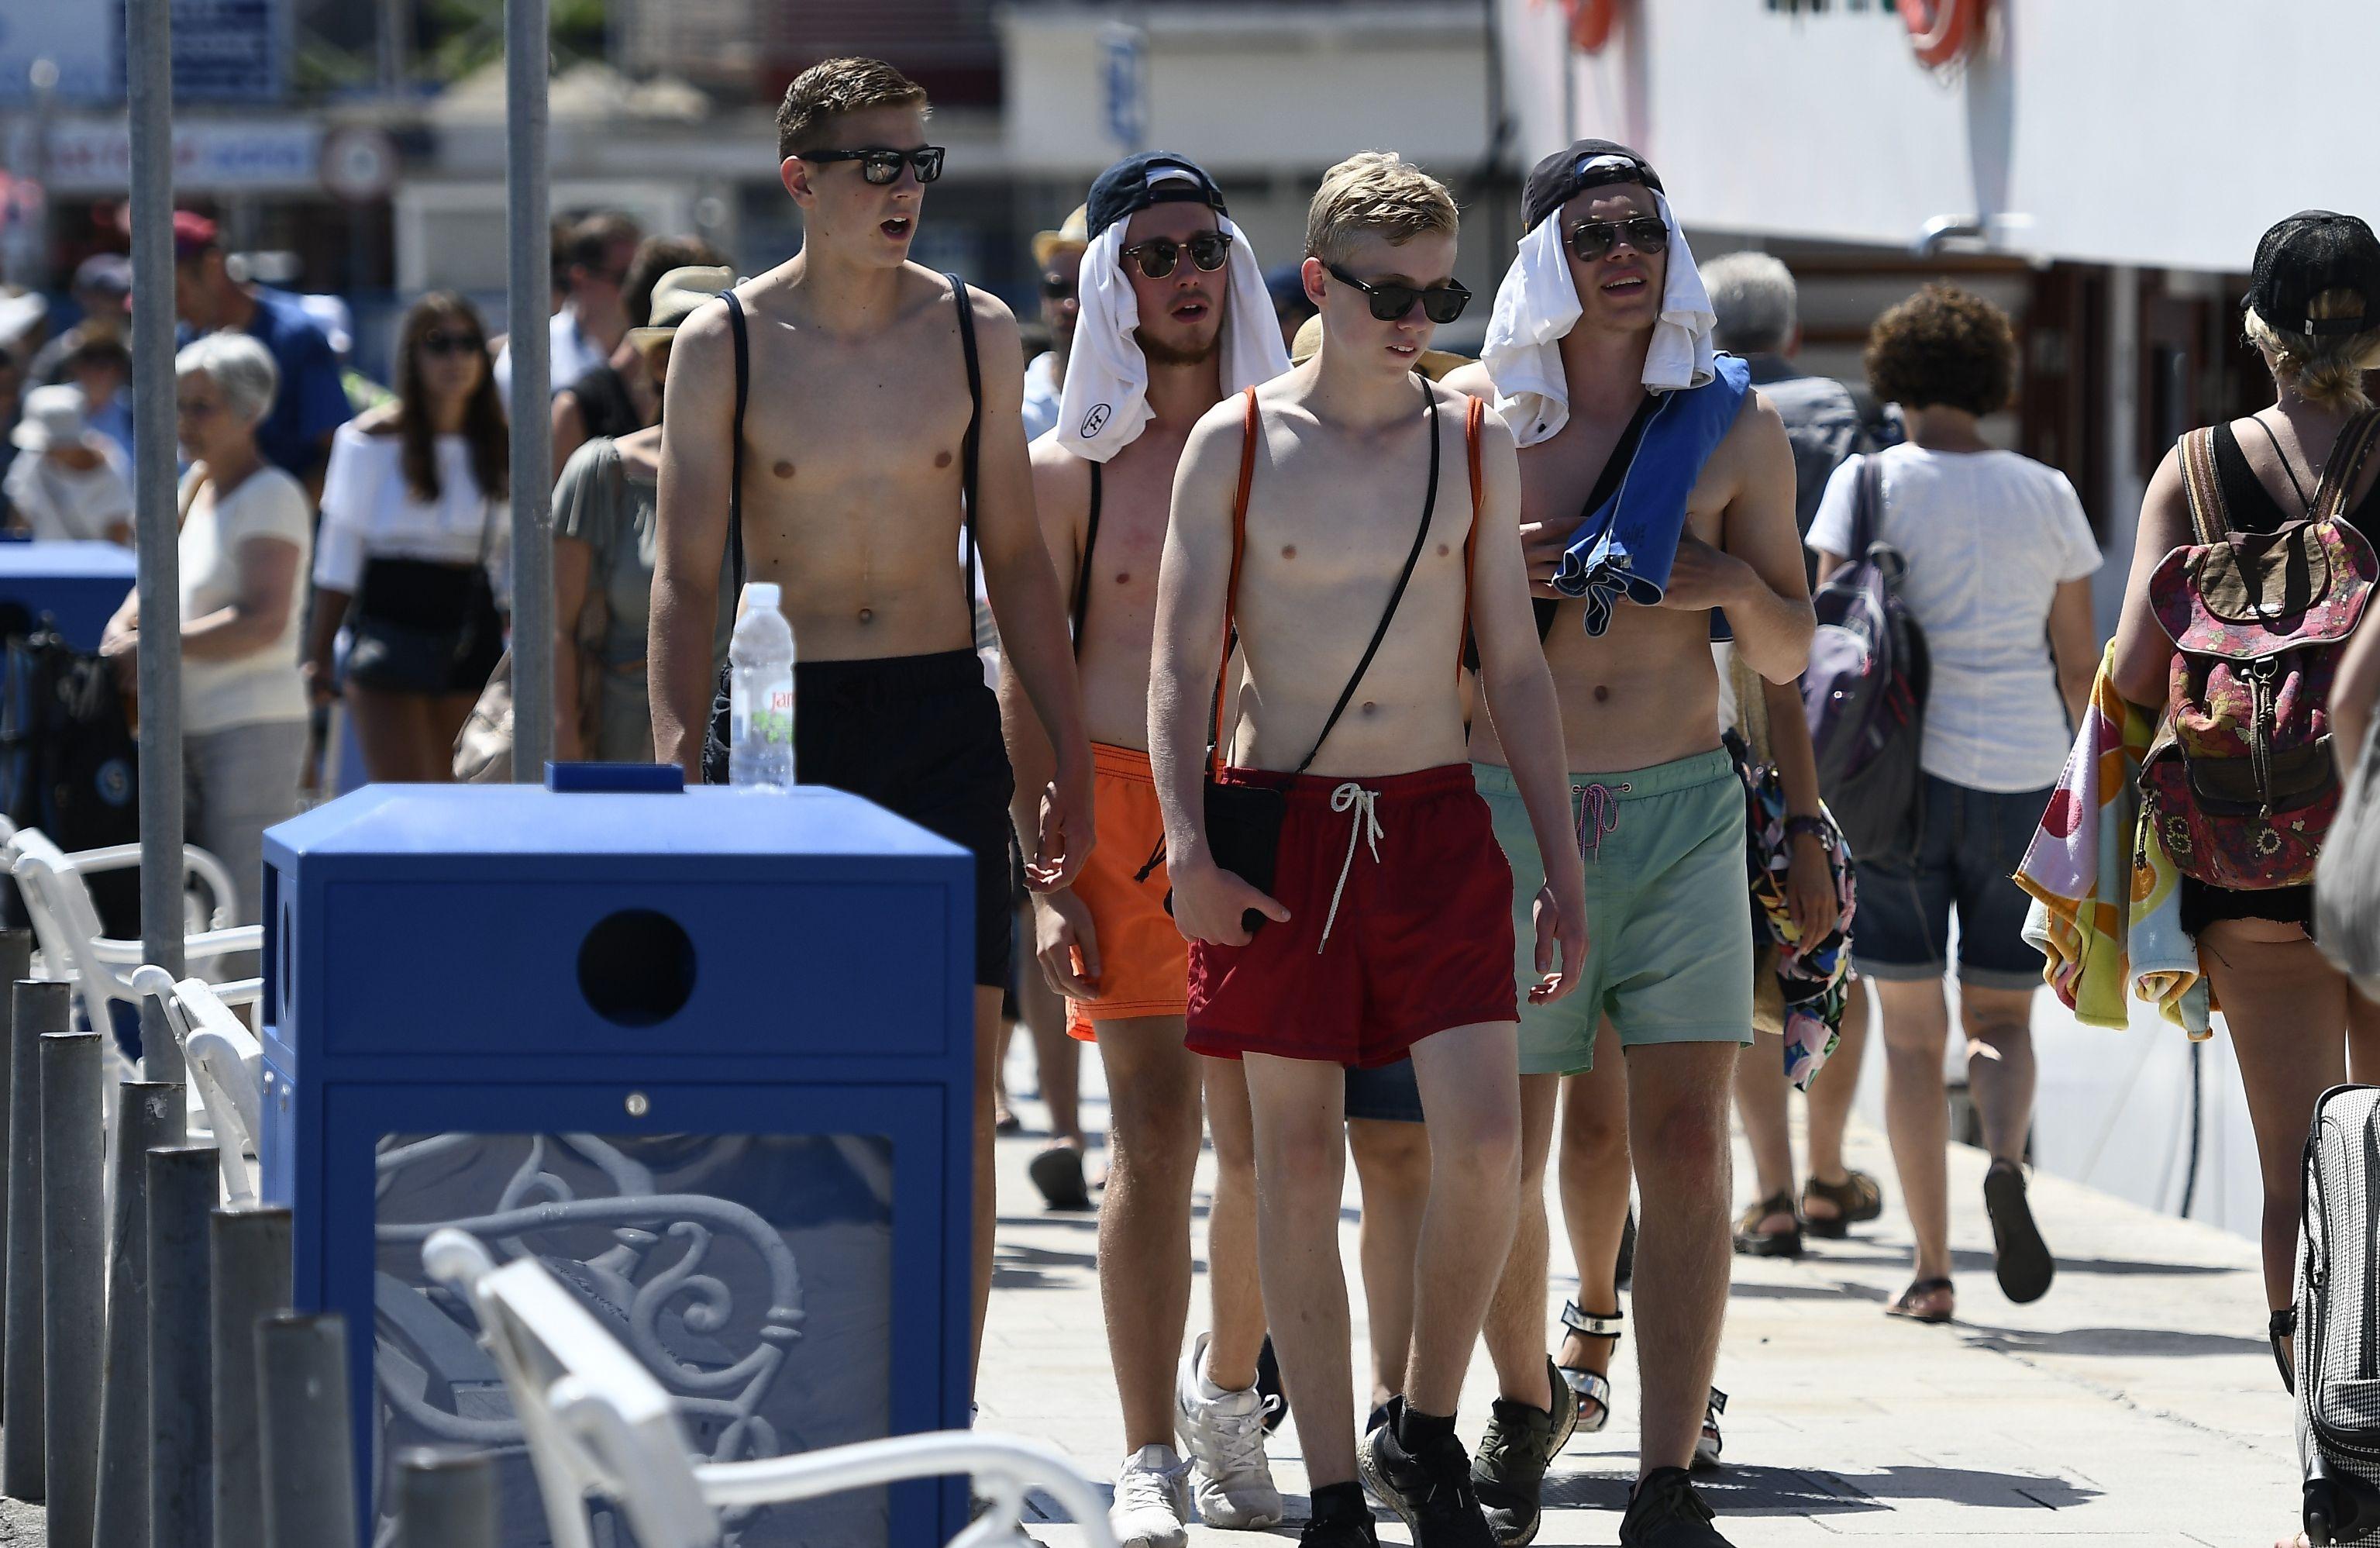 Kreće BBC-jeva serija o razuzdanim britanskim turistima u Hrvatskoj